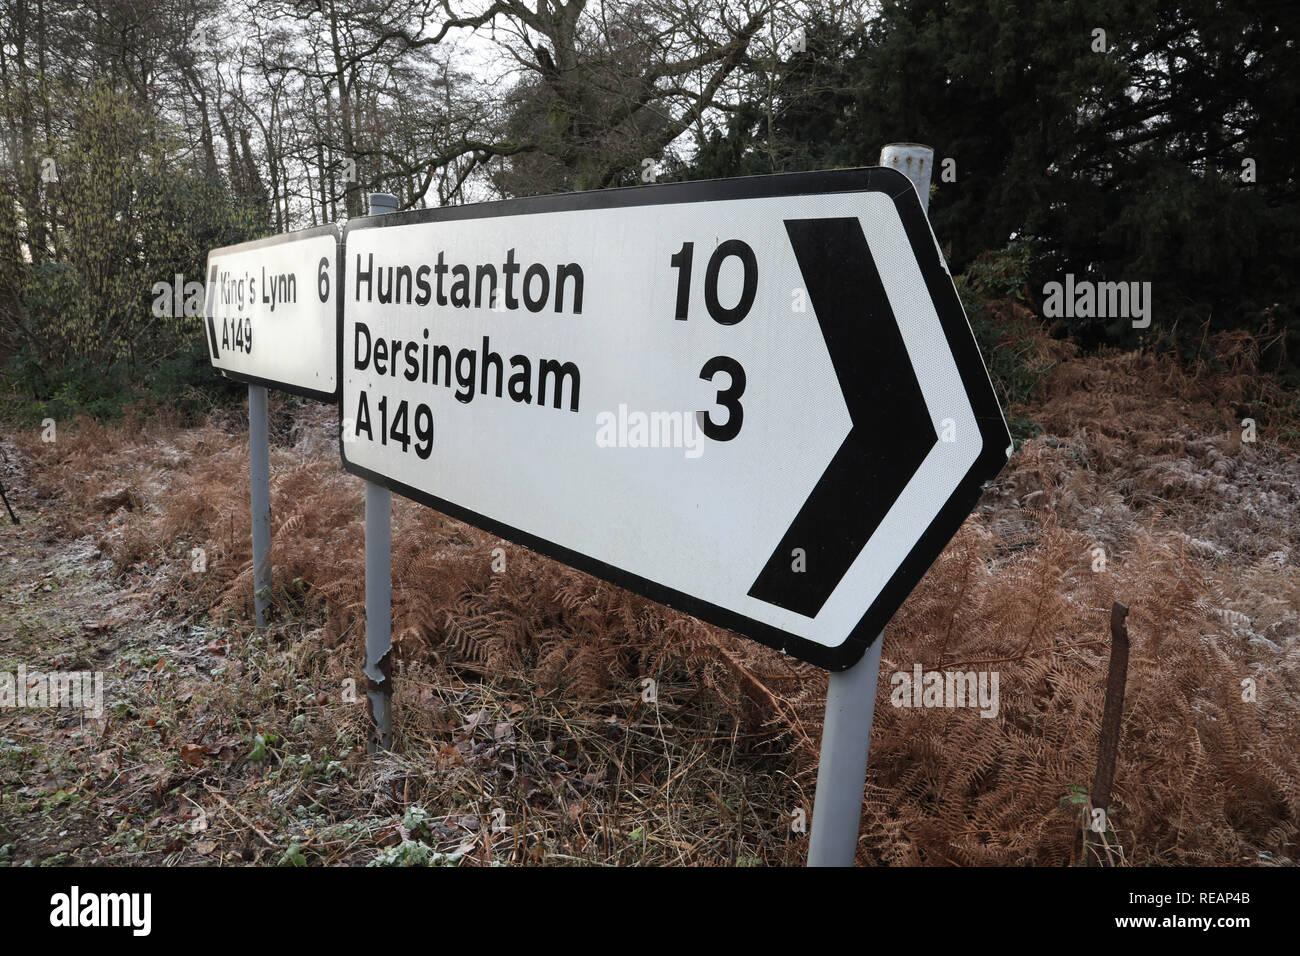 Sandringham, Norfolk, Reino Unido. 18 de enero de 2019. El signo en la escena del accidente. Seguimiento en el Príncipe Felipe, Duque de Edimburgo crash en la A149 cerca de Sandringham, Norfolk, el 18 de enero de 2019. Crédito: Paul Marriott/Alamy Live News Imagen De Stock